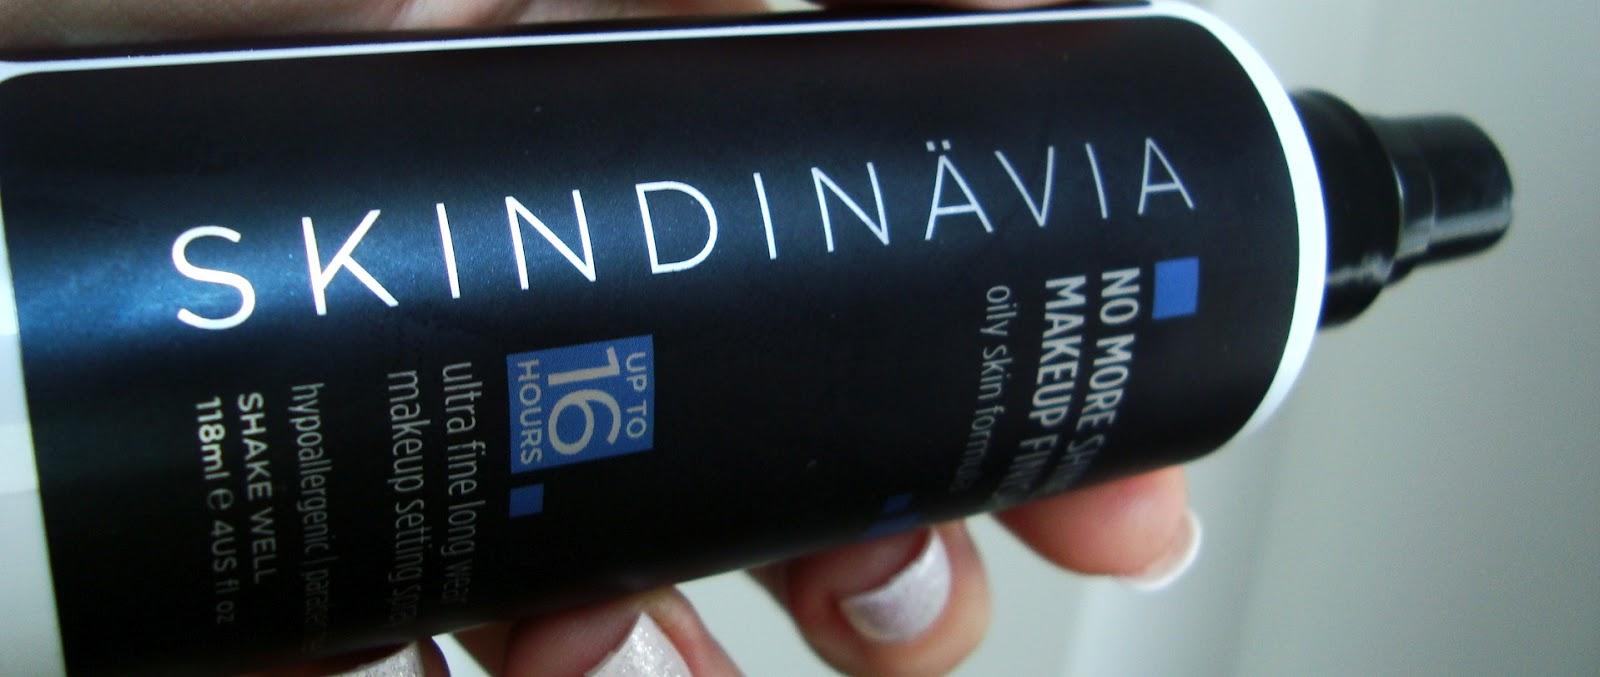 Αν λοιπόν θέλετε να απαλαγείτε από τα γνωστά σπασίματα του makeup 573d1e34058